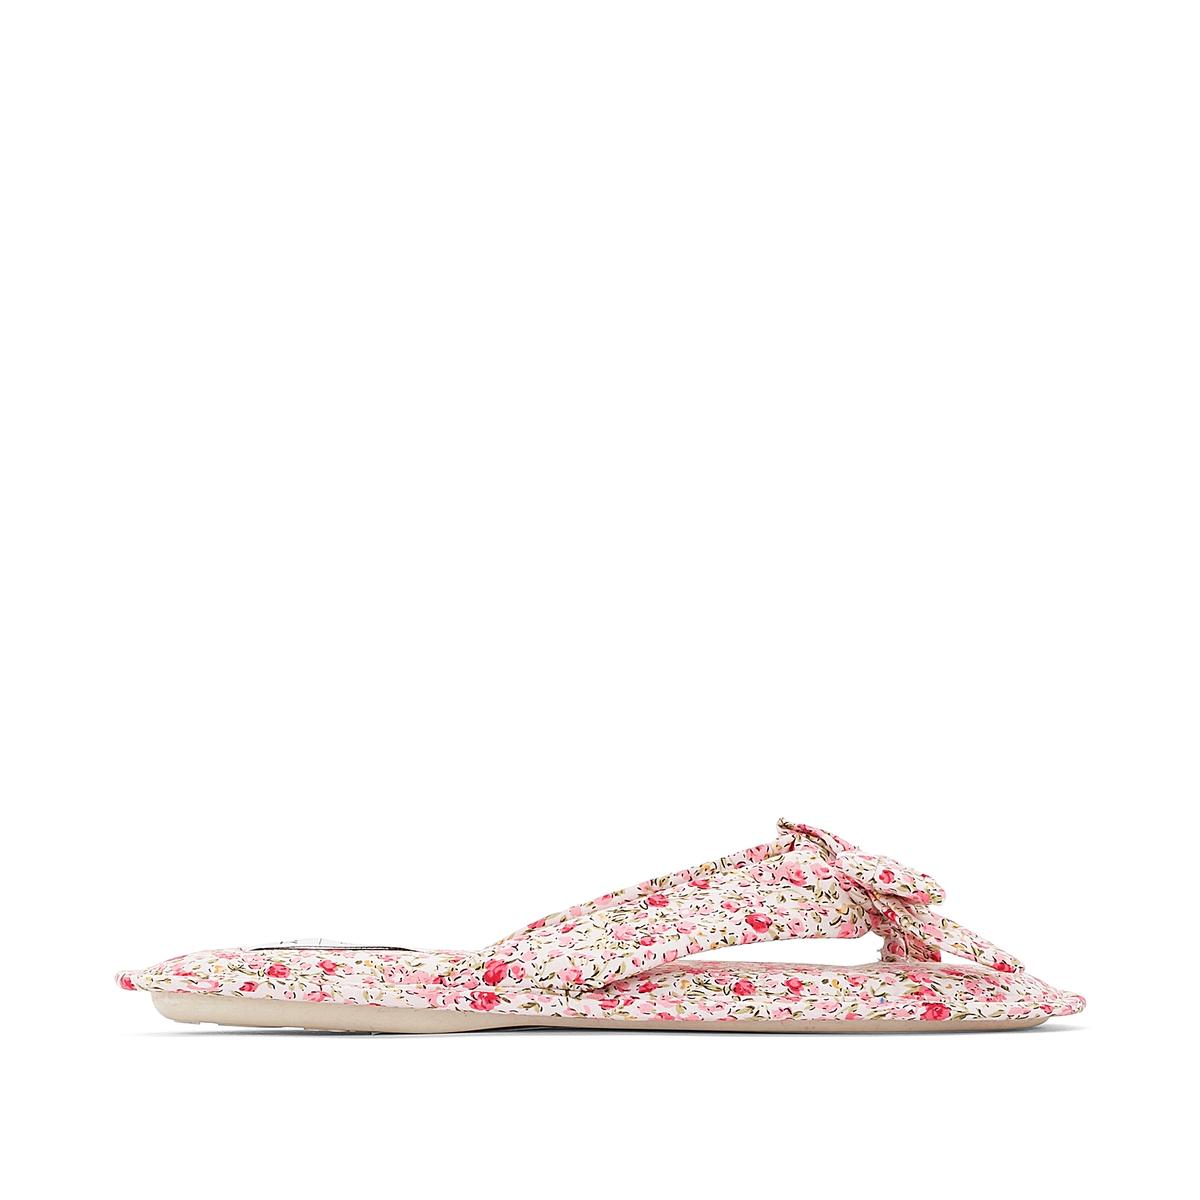 Мягкие туфли с цветочным рисункомДлинные мягкие туфли из текстиля с цветочным рисунком, бантик на голенище.                                                    Верх/голенище  : текстиль                                                    Подкладка : текстиль                                                    Стелька : текстиль                                                    Подошва : эластомер<br><br>Цвет: рисунок либерти<br>Размер: 41.40.38